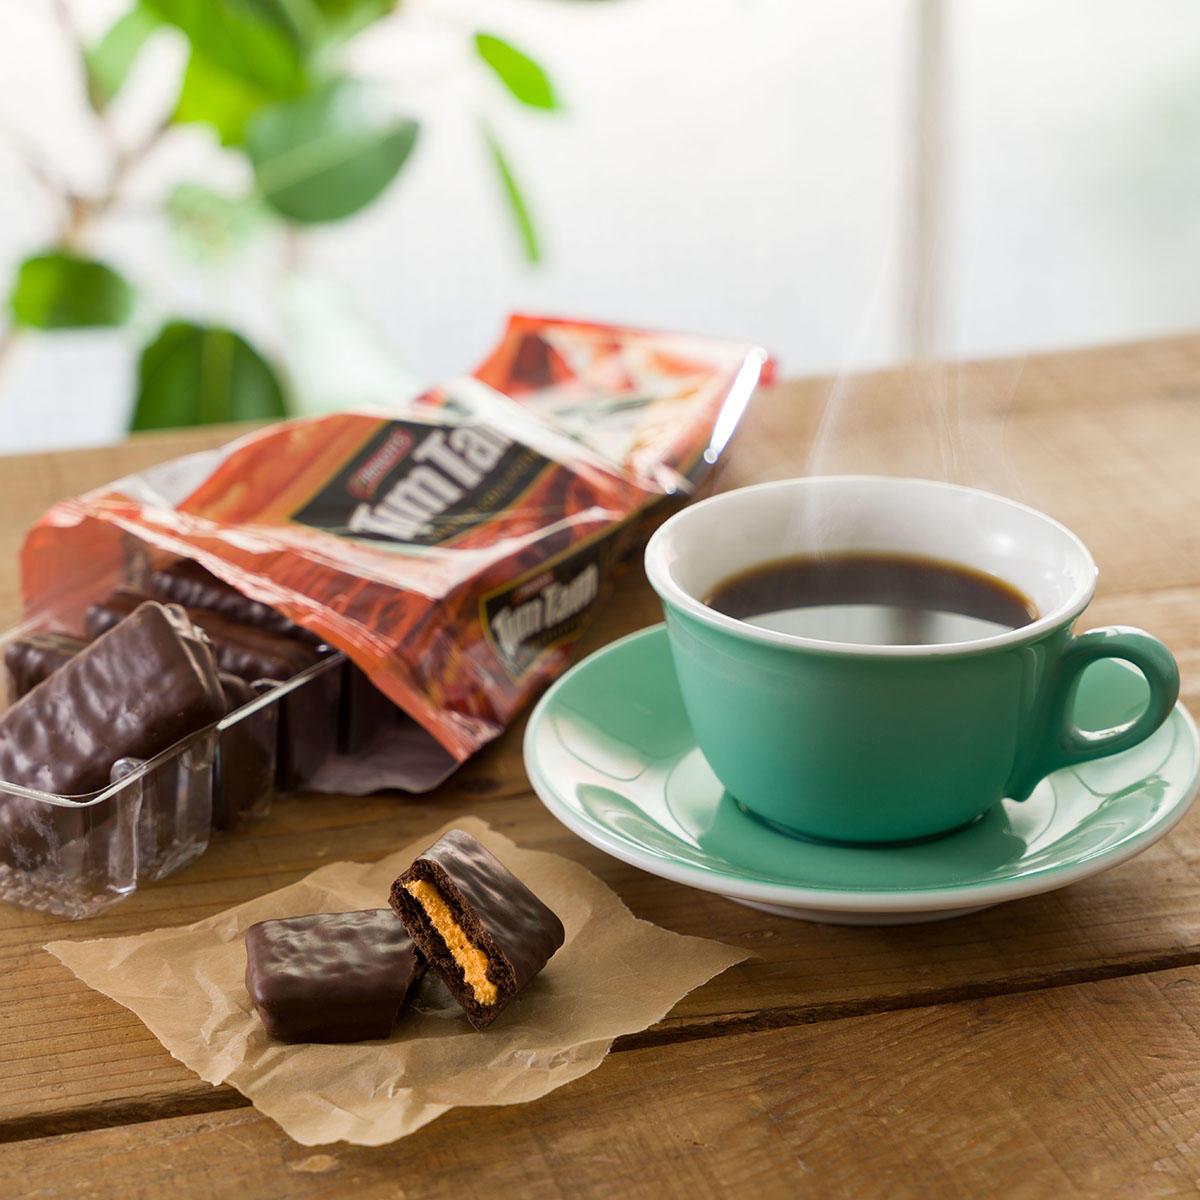 coffee_pairing_2.JPG